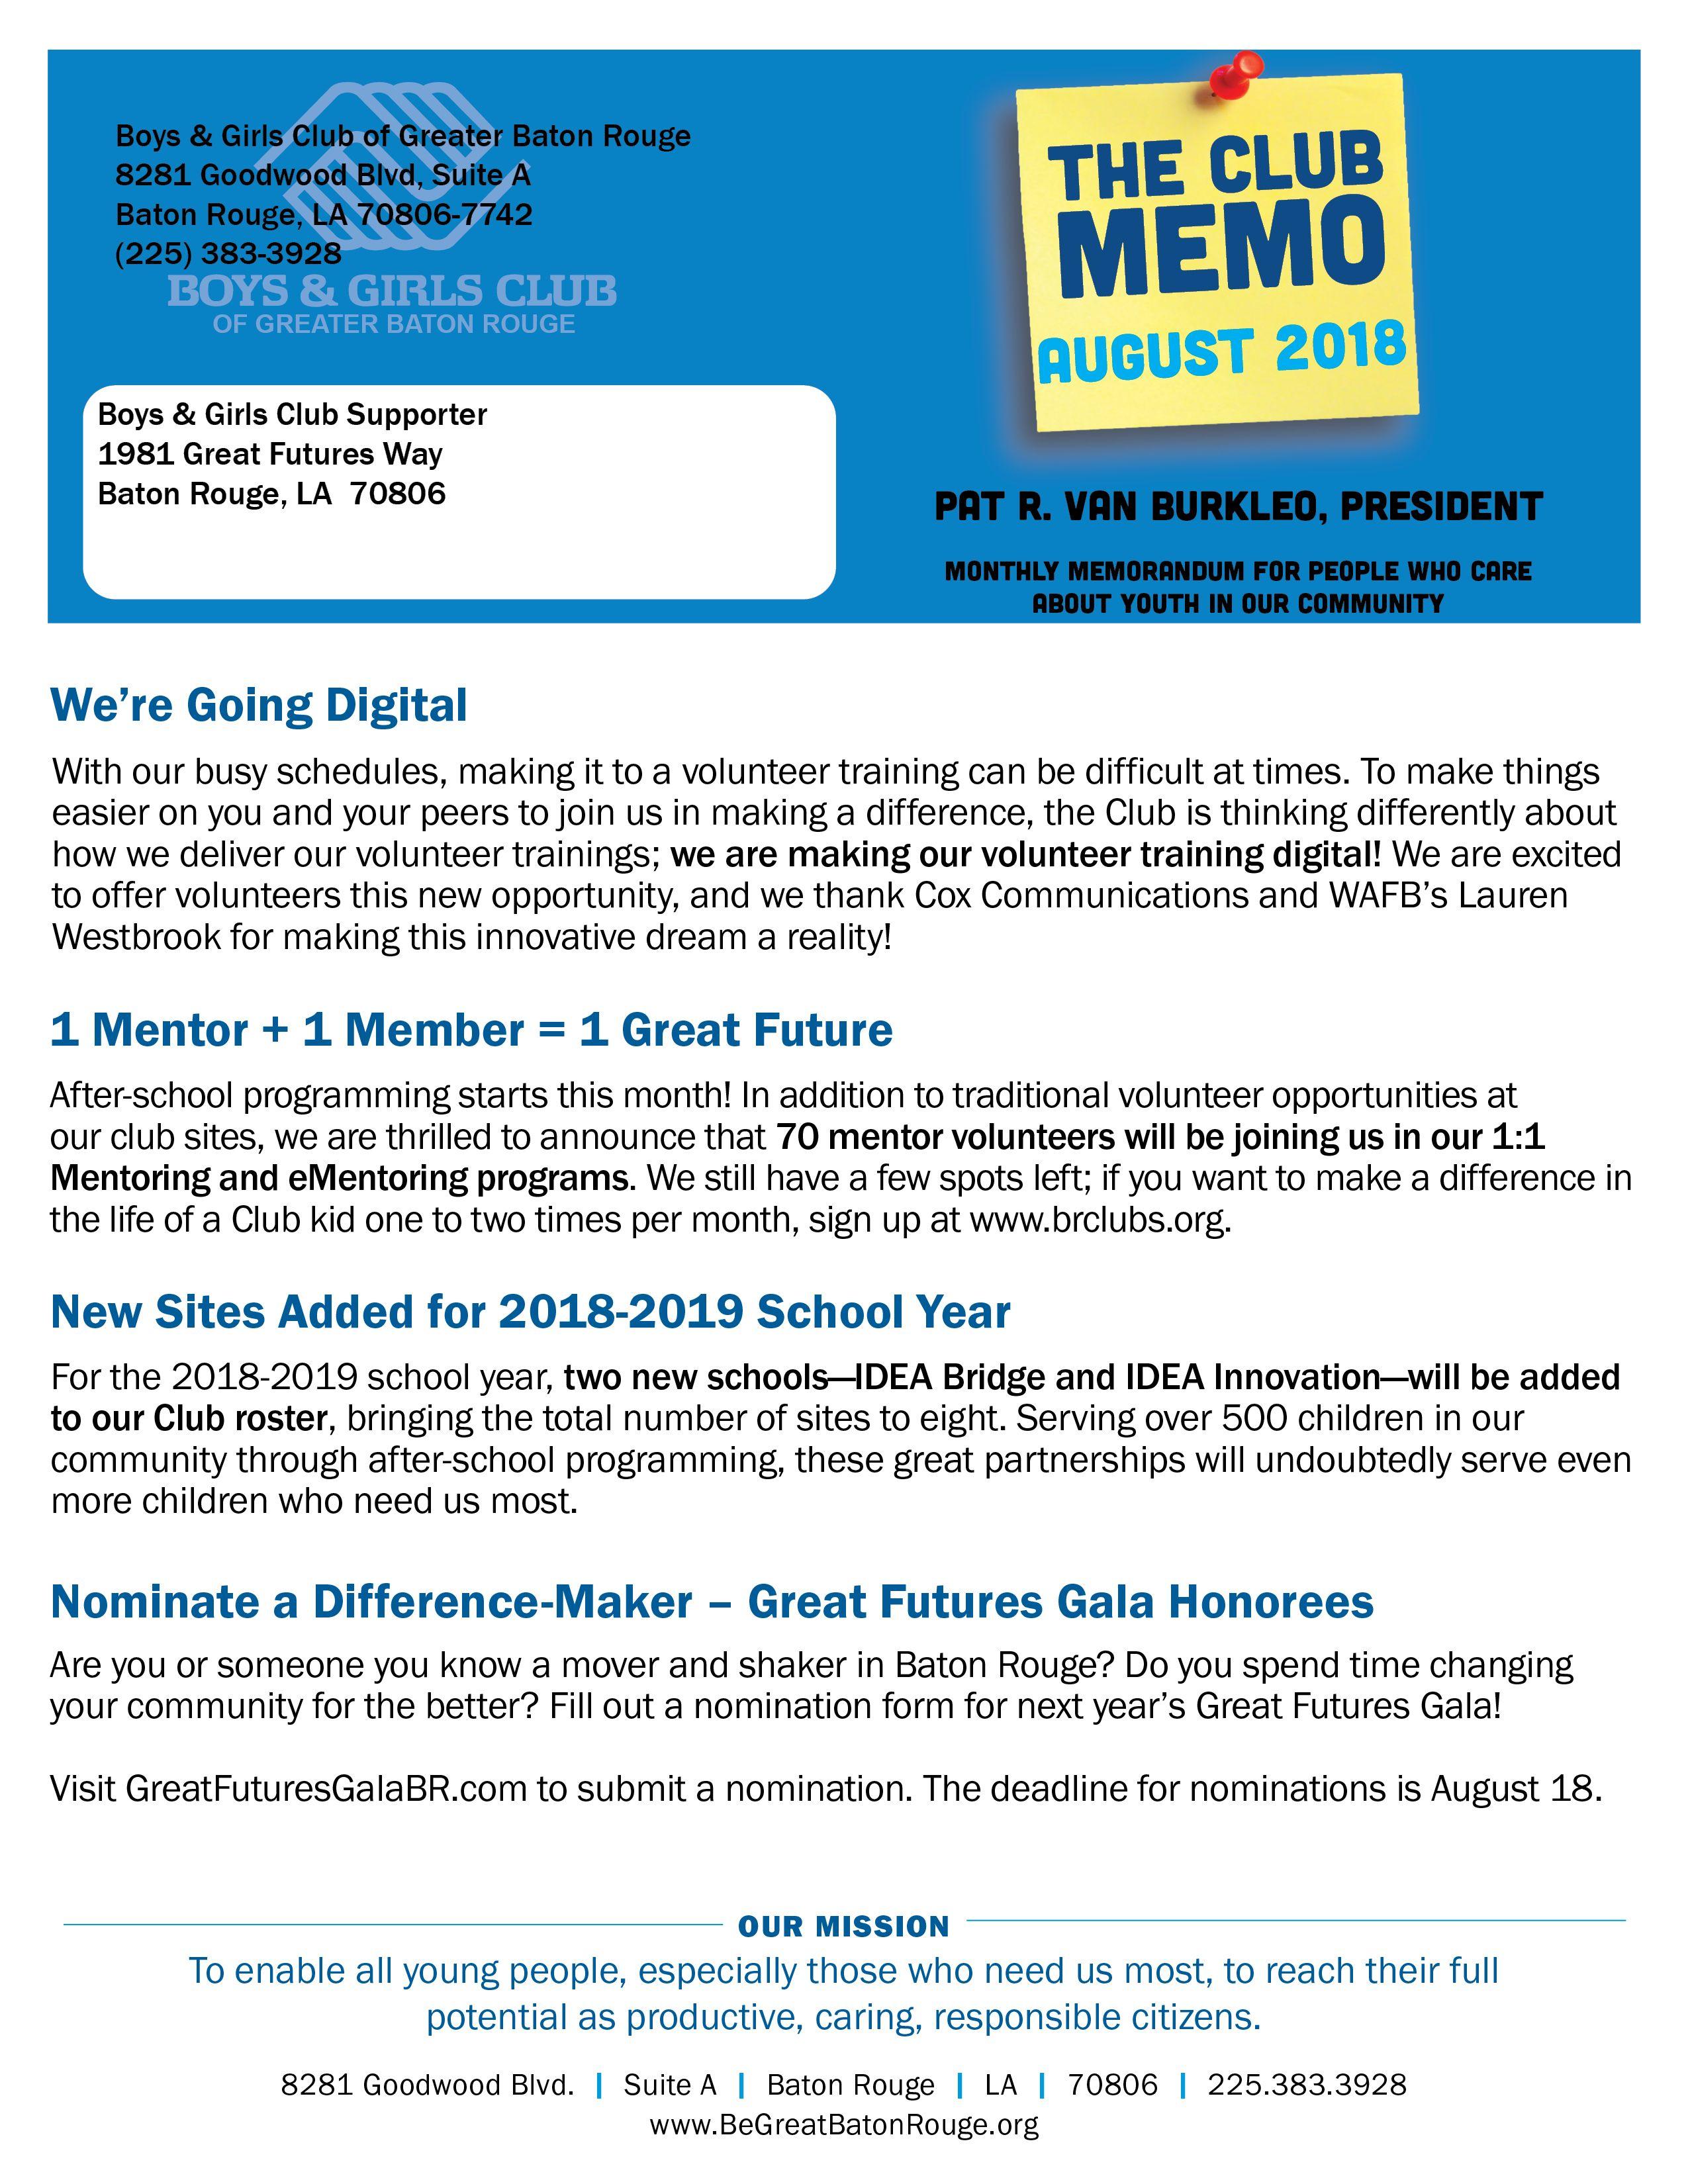 August 2018 Club Memo